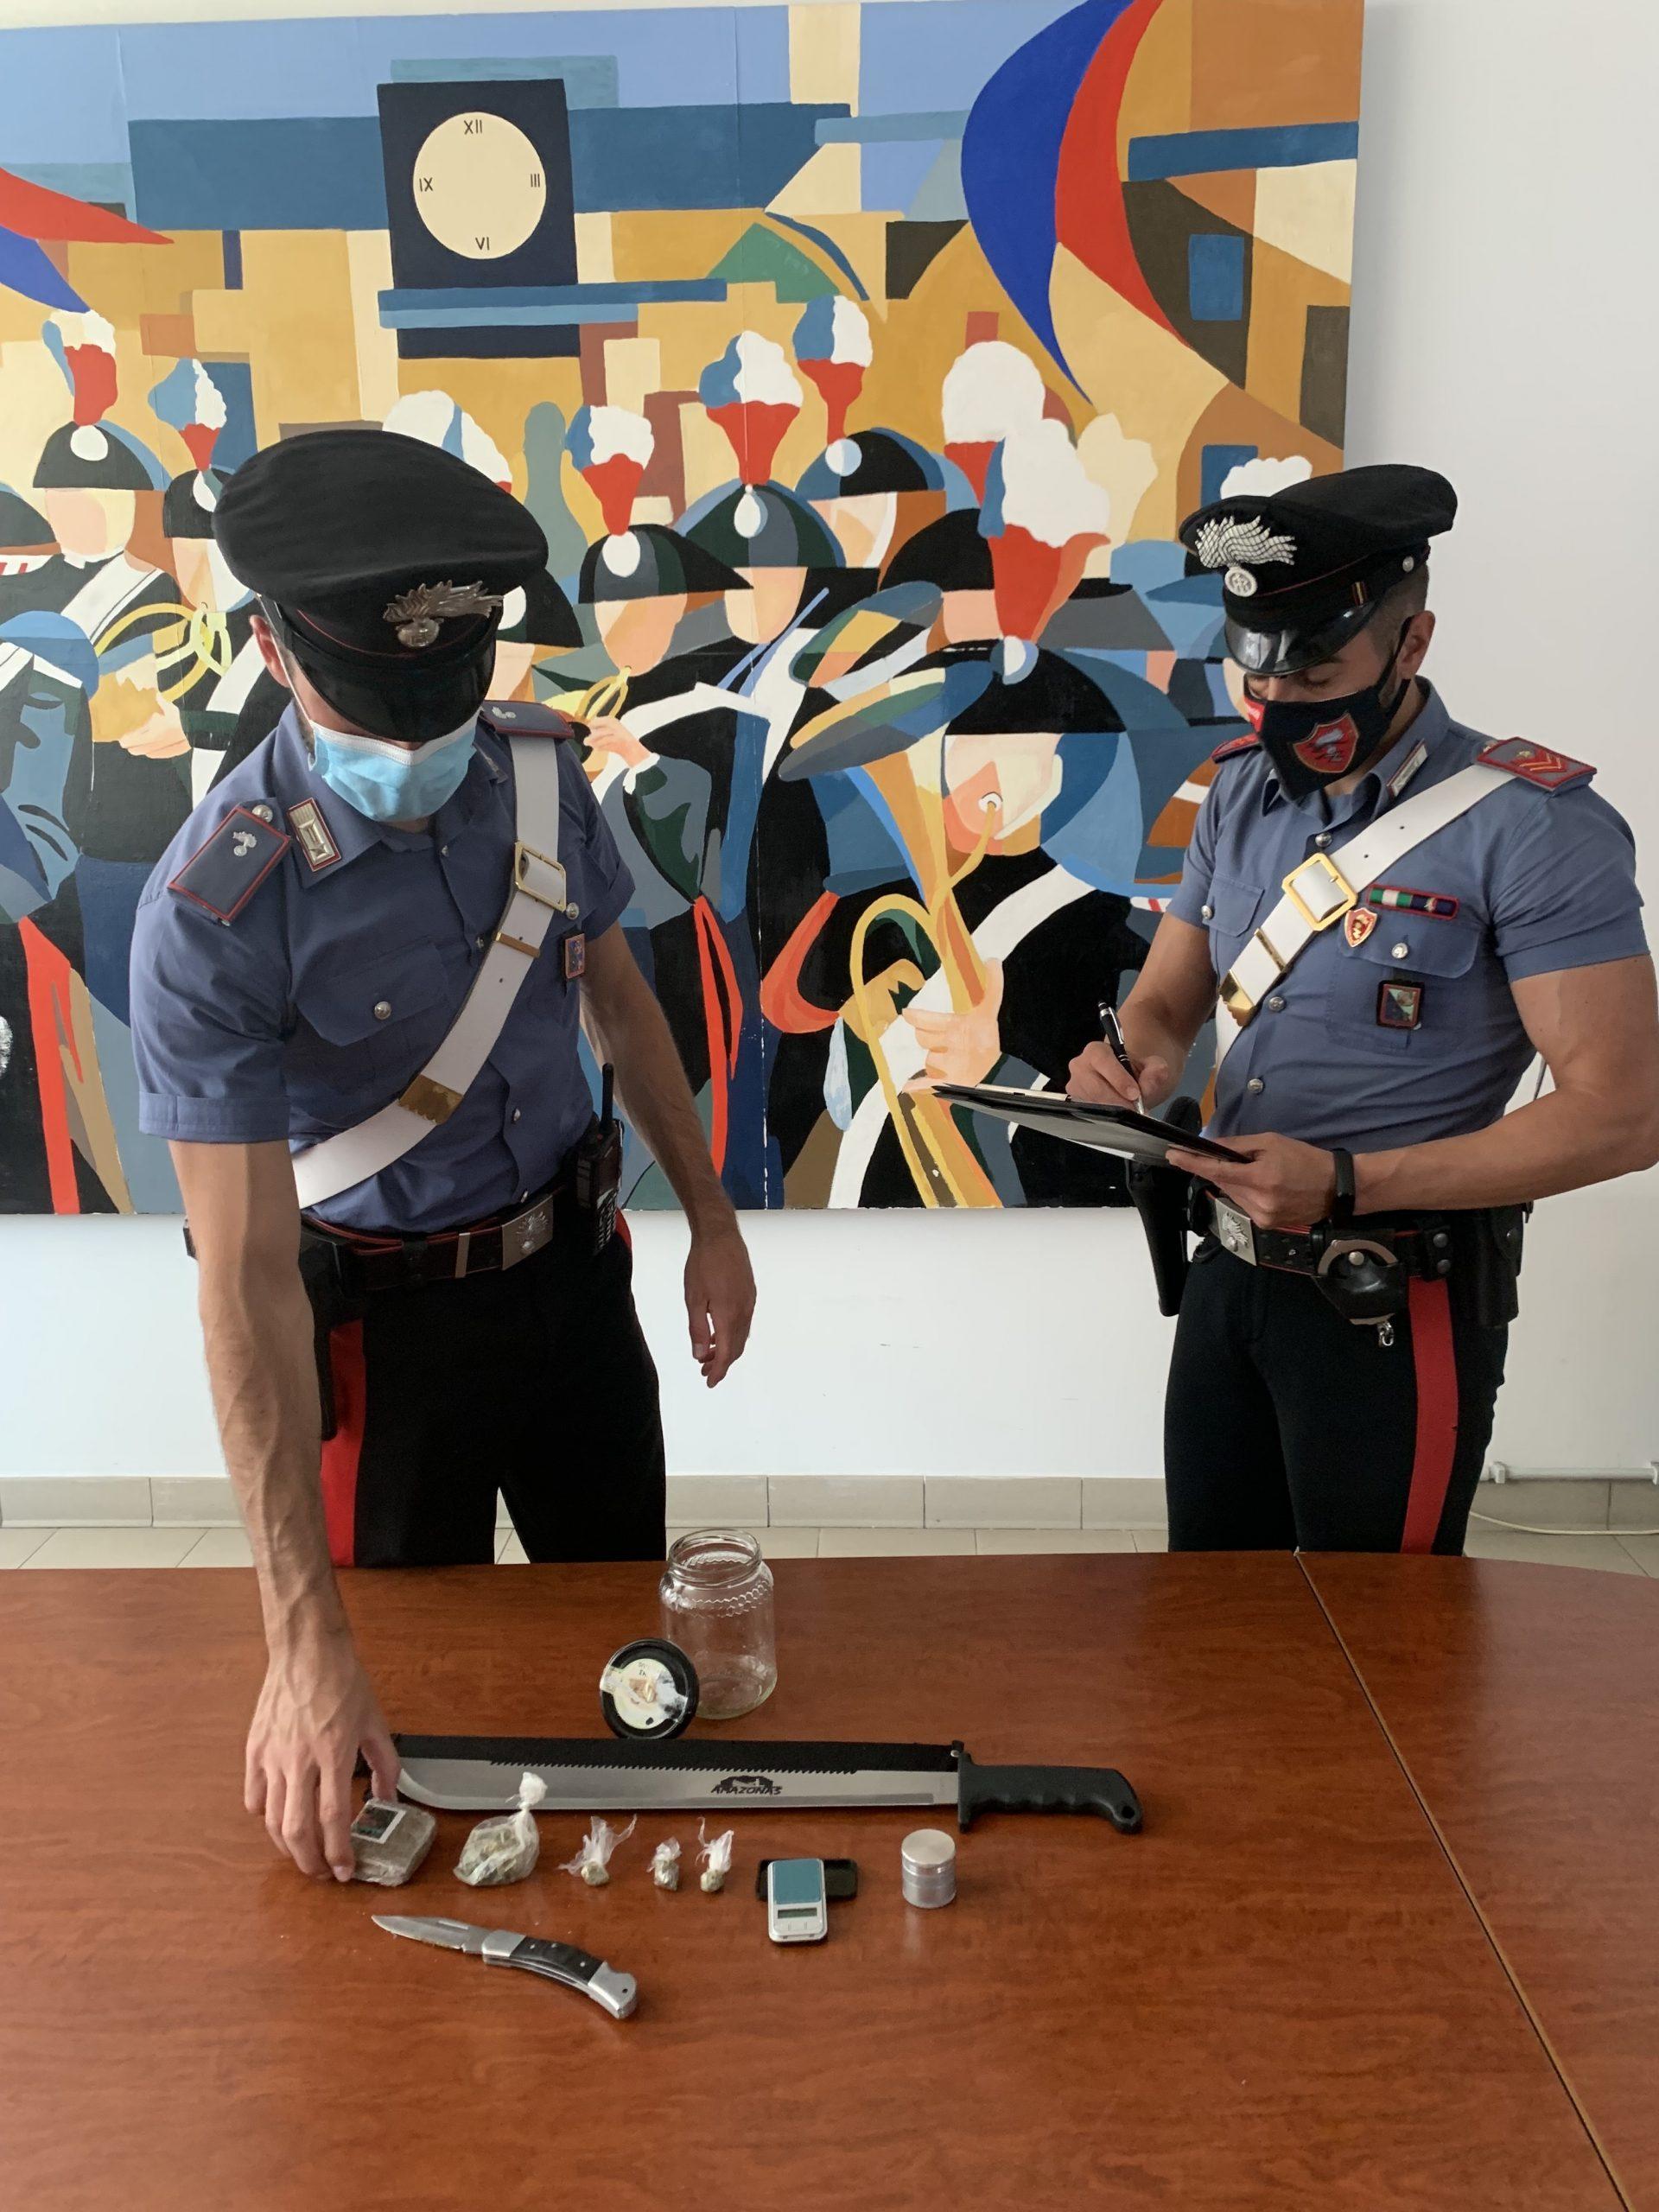 Sostanze stupefacenti, armi e materiale sequestrato